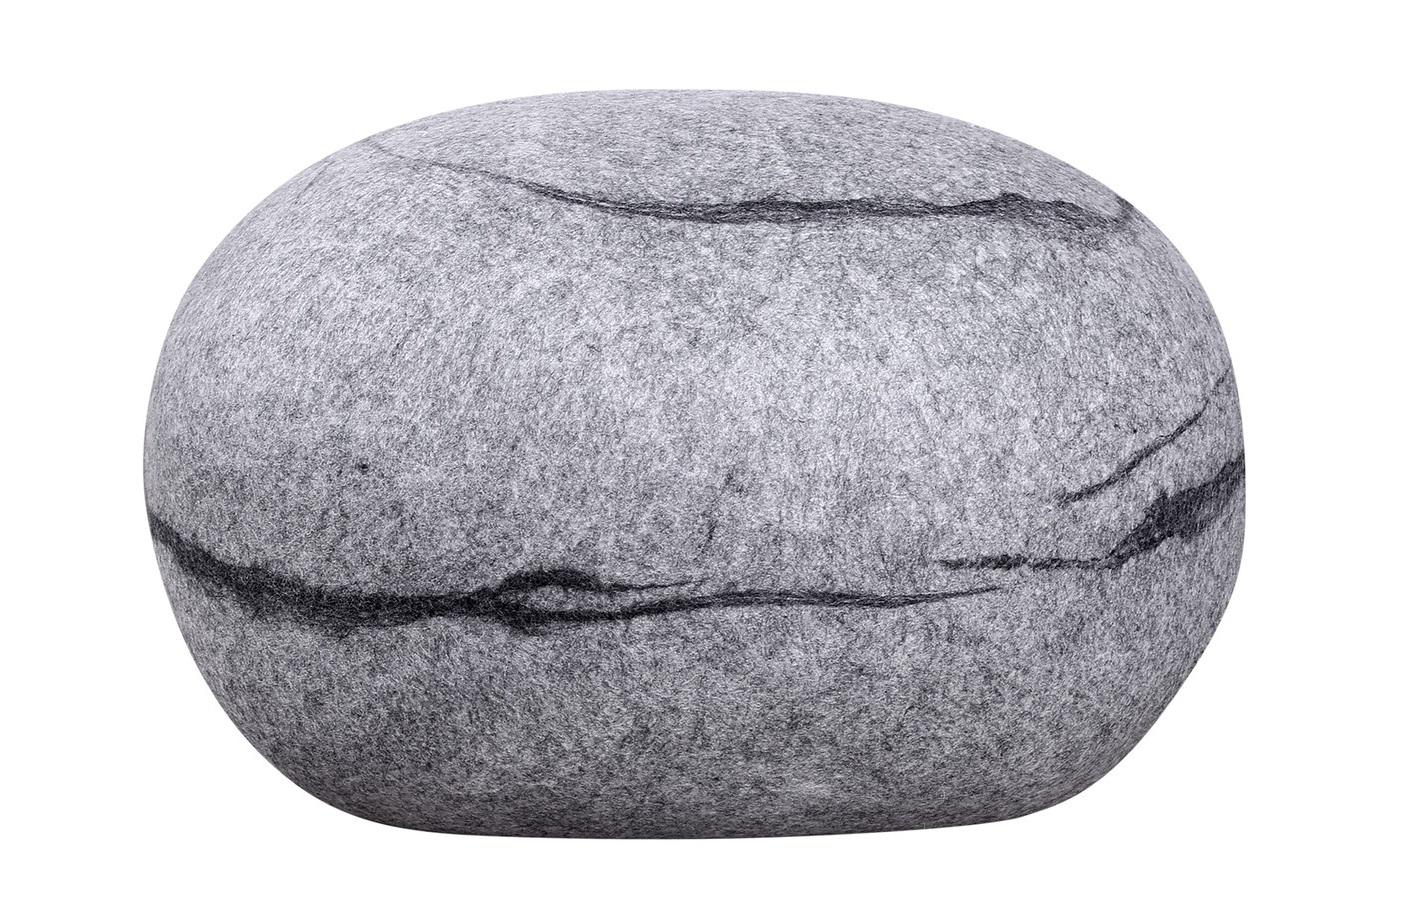 ПуфБесформенные пуфы<br>Пуф-камень, изготовлен в ручную. <br>Внешний материал100% шерсть мериноса.<br>Каждый камень оригинален и неповторим, точно так же как нет двух одинаковых камней в природе.  <br>Пуф-камень прекрасно дополнит атмосферу вашего дома, вне зависимости в каком стиле выполнено пространство.<br>Пуф-камень очень нравится детям, в детской комнате он станет любимым предметом интерьера.<br>Пуф-камень не только интерьерное изделие, он функционален и долговечен при использовании по назначению.<br><br>Material: Шерсть<br>Length см: None<br>Width см: 54<br>Depth см: 63<br>Height см: 39